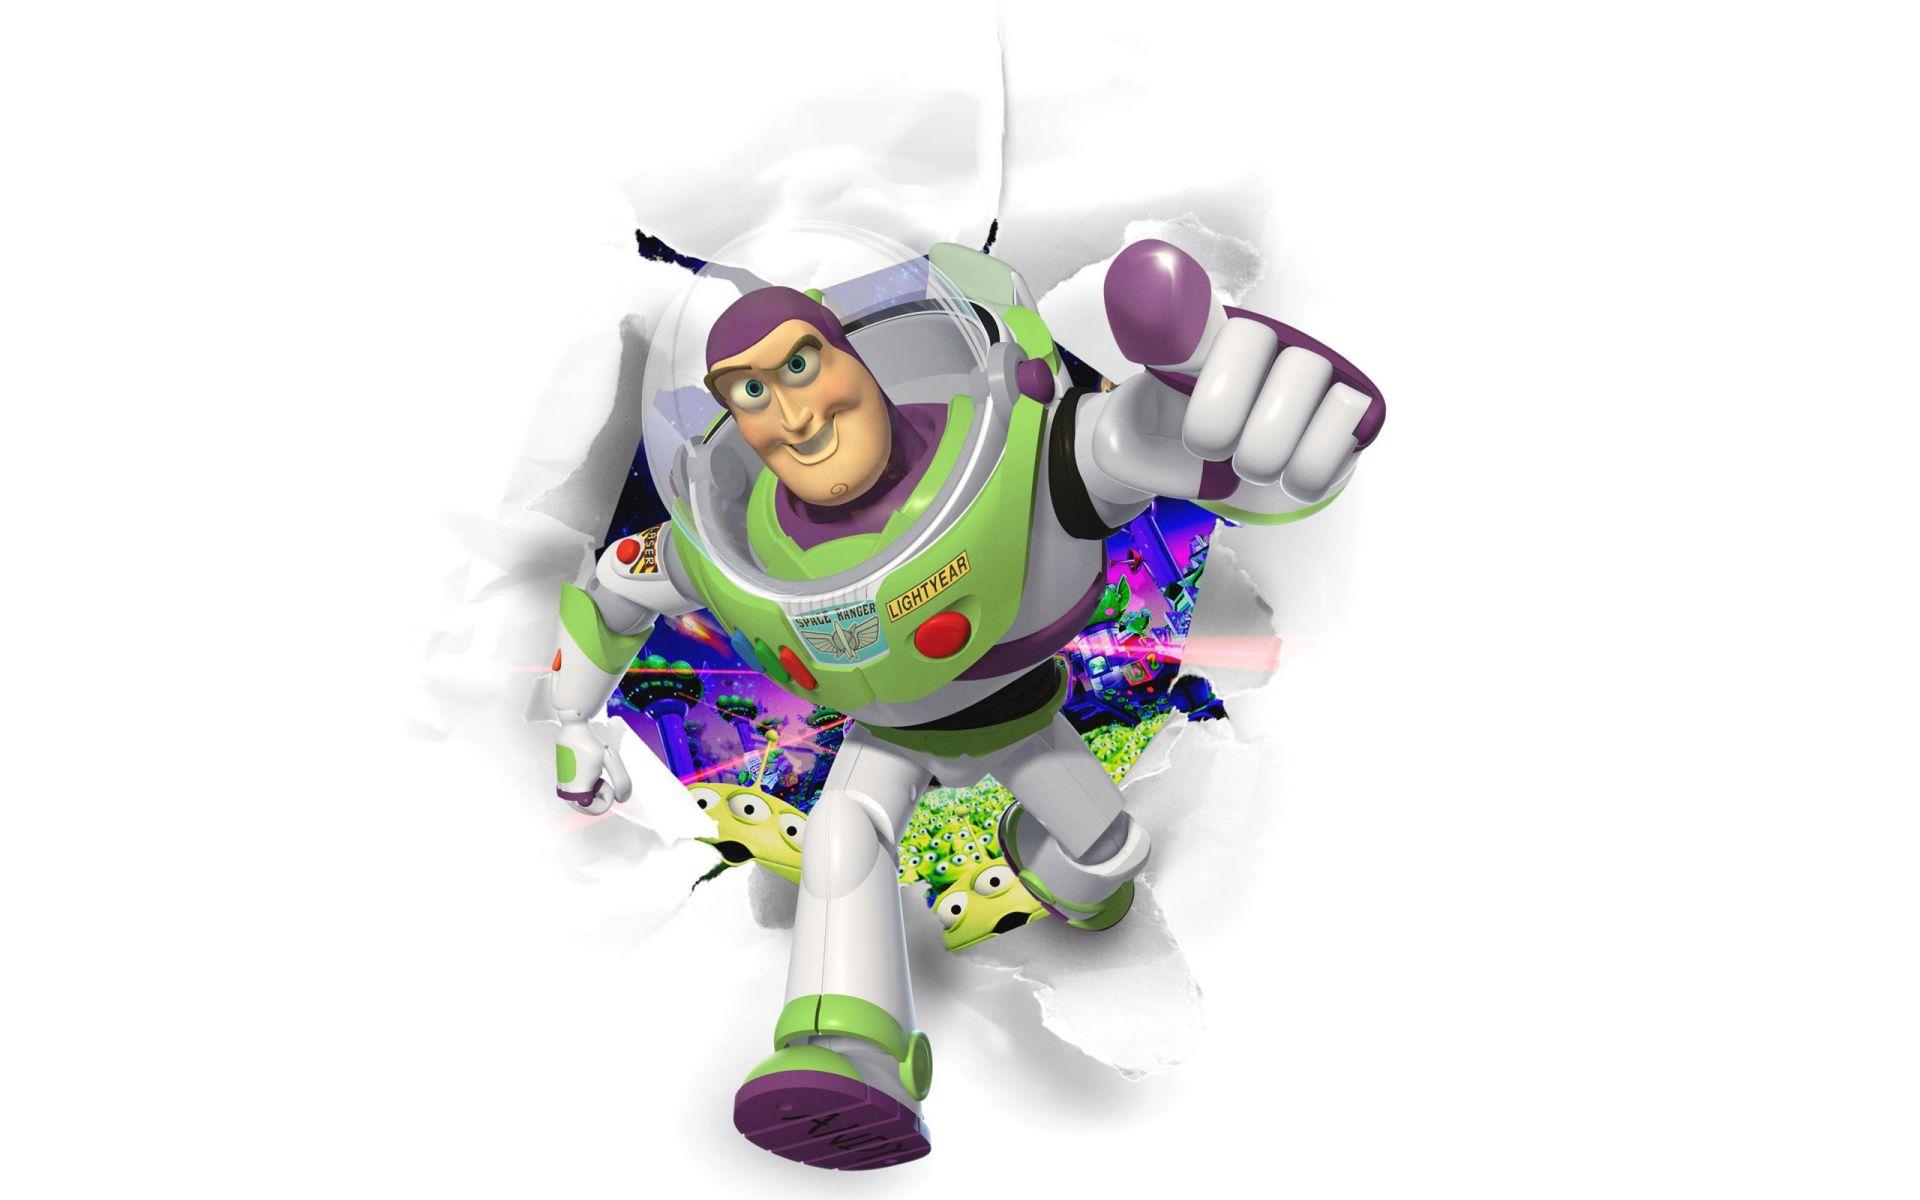 Buzz Lightyear Running Through White Background Wallpaper 1920x1200